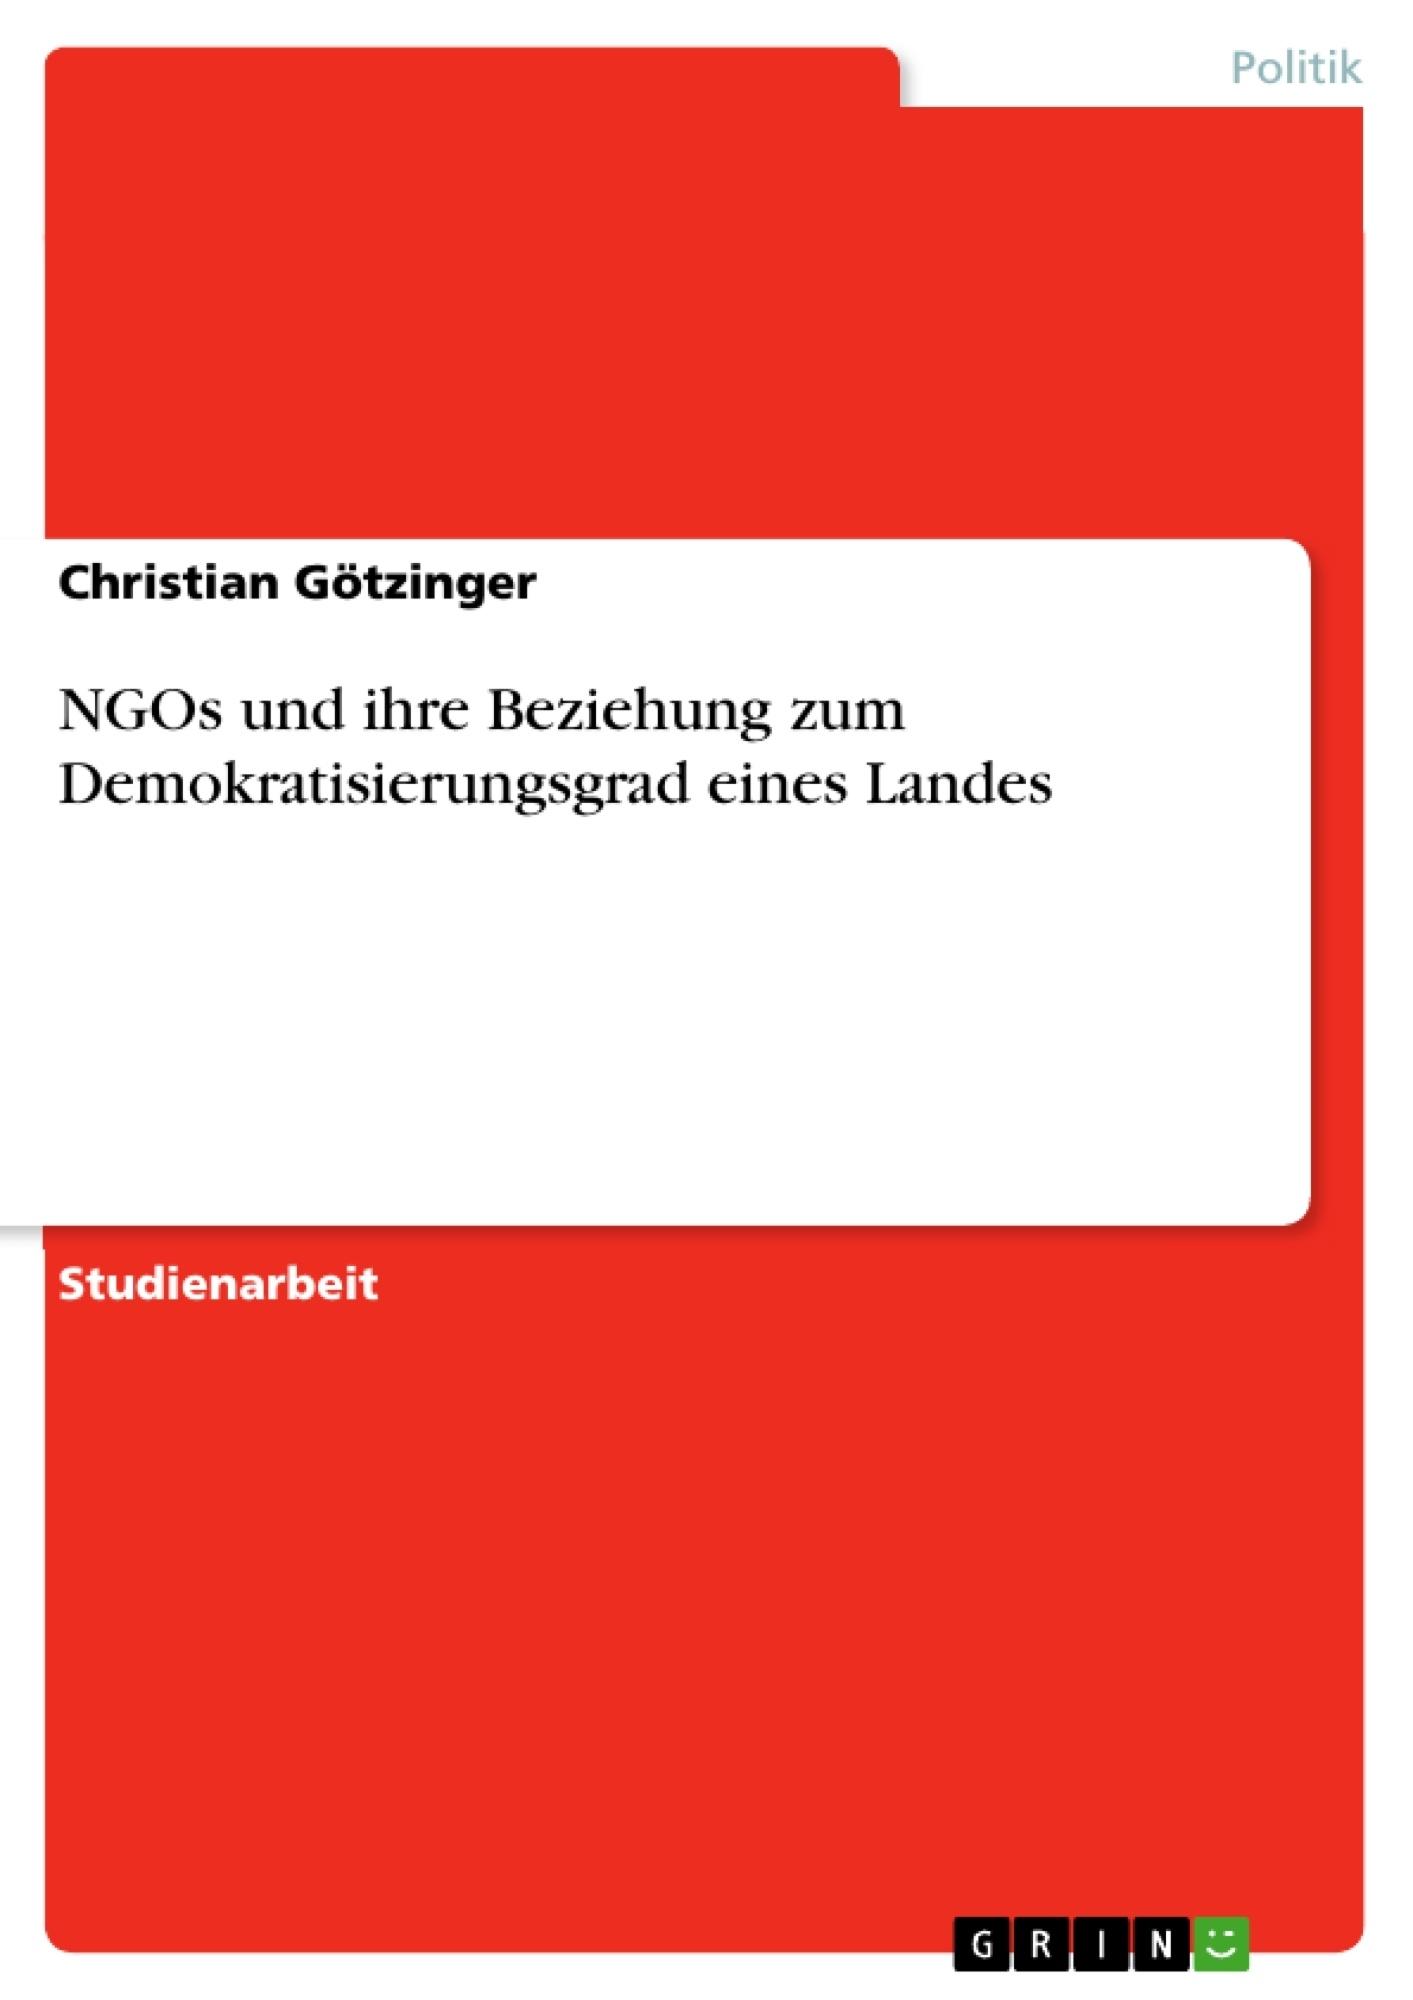 Titel: NGOs und ihre Beziehung zum Demokratisierungsgrad eines Landes